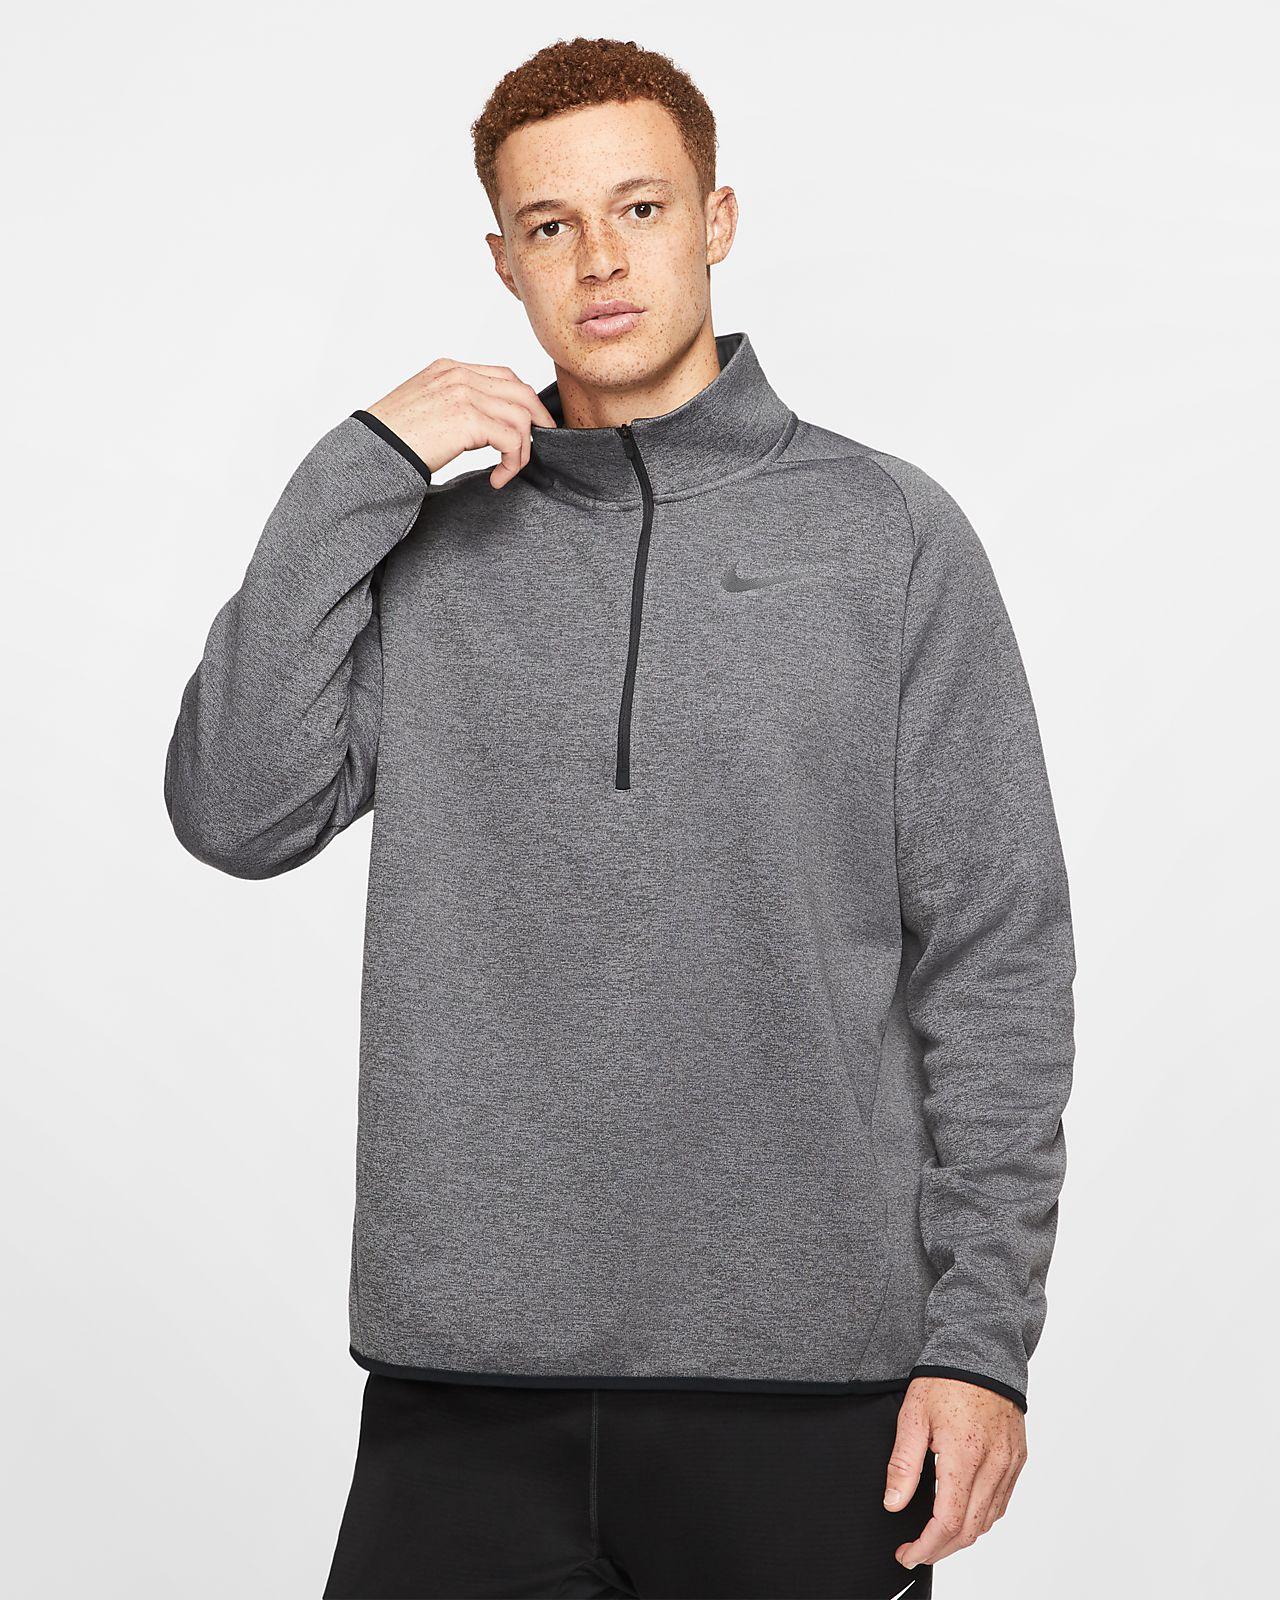 Nike Men/'s Fleece hoodie Sweatshirt Jumper Longsleeve Tops Casual Hooded Jumper